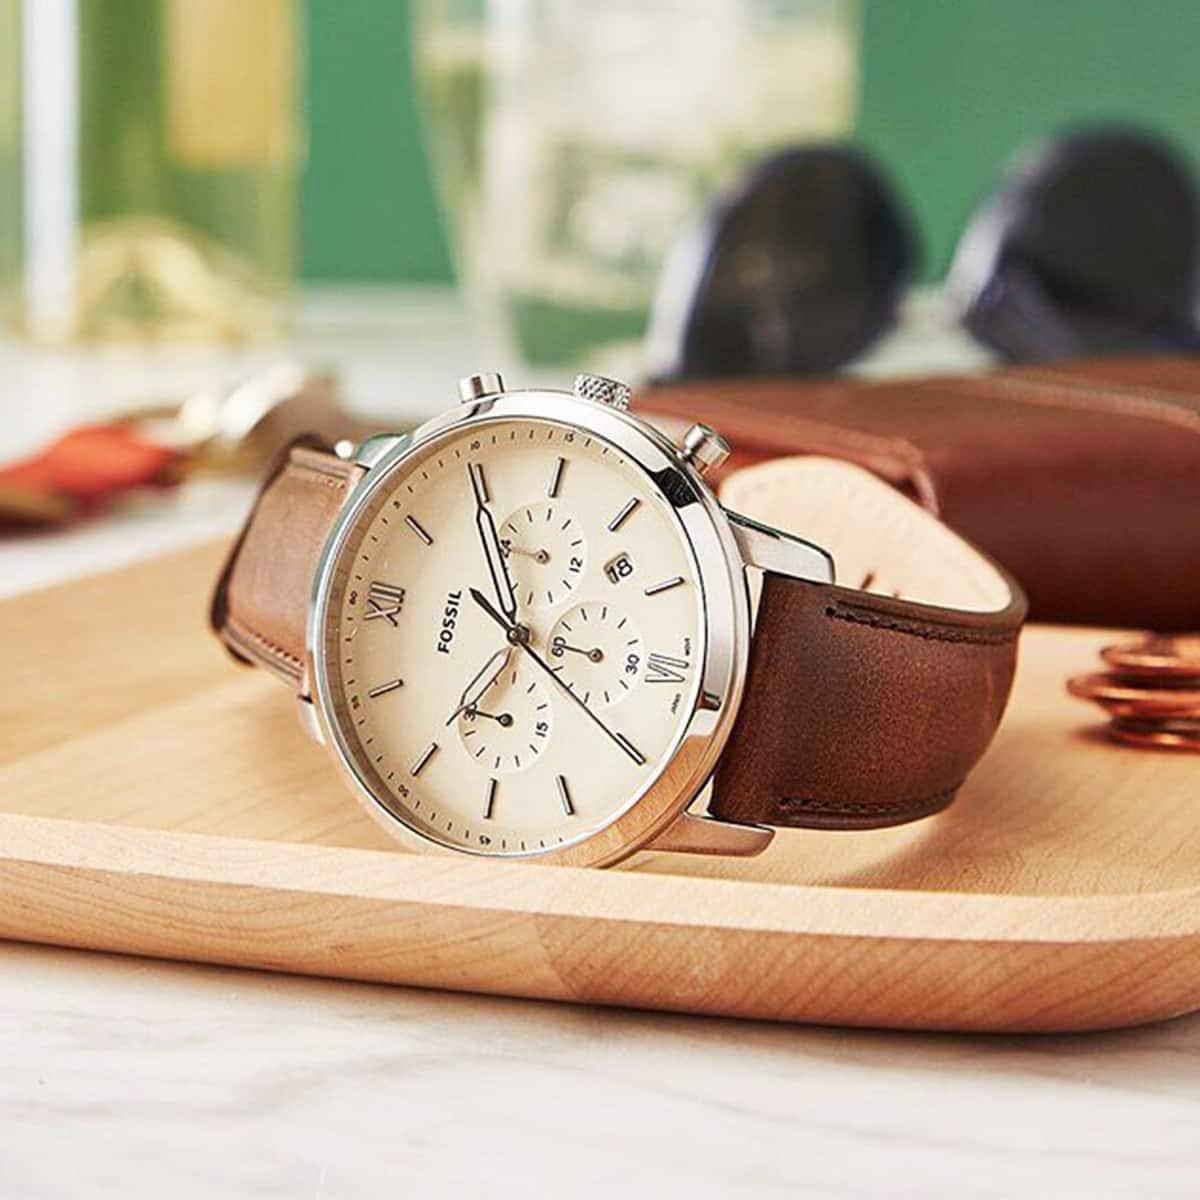 đồng hồ fossil Neutra